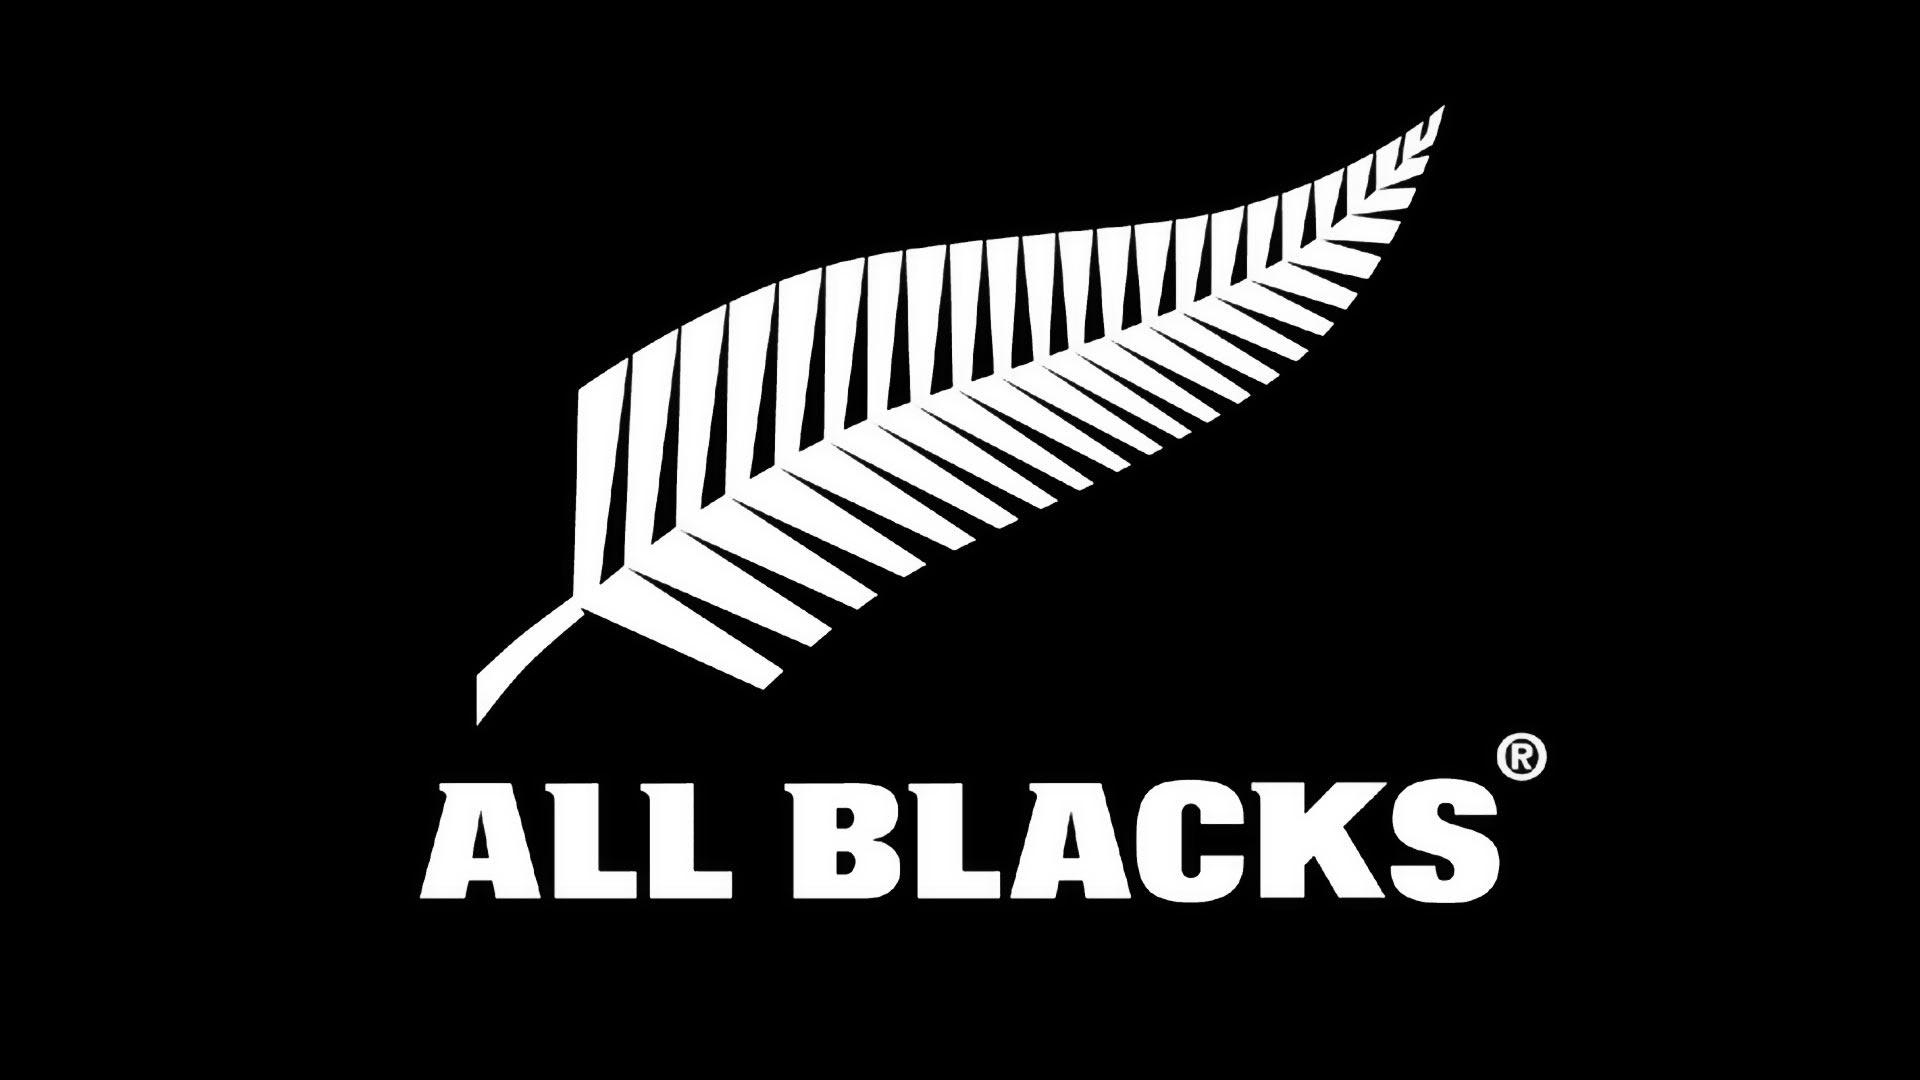 All-Blacks-1080p-1